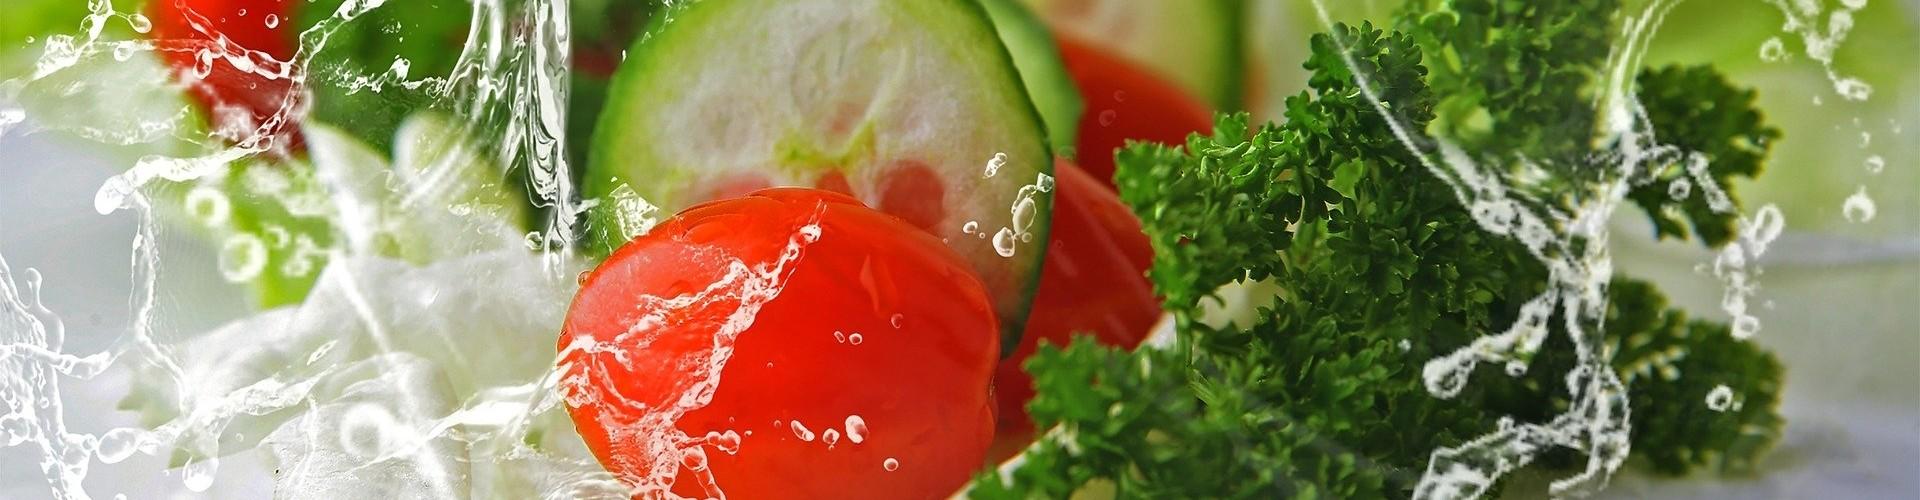 Groente-voedingssuplementen